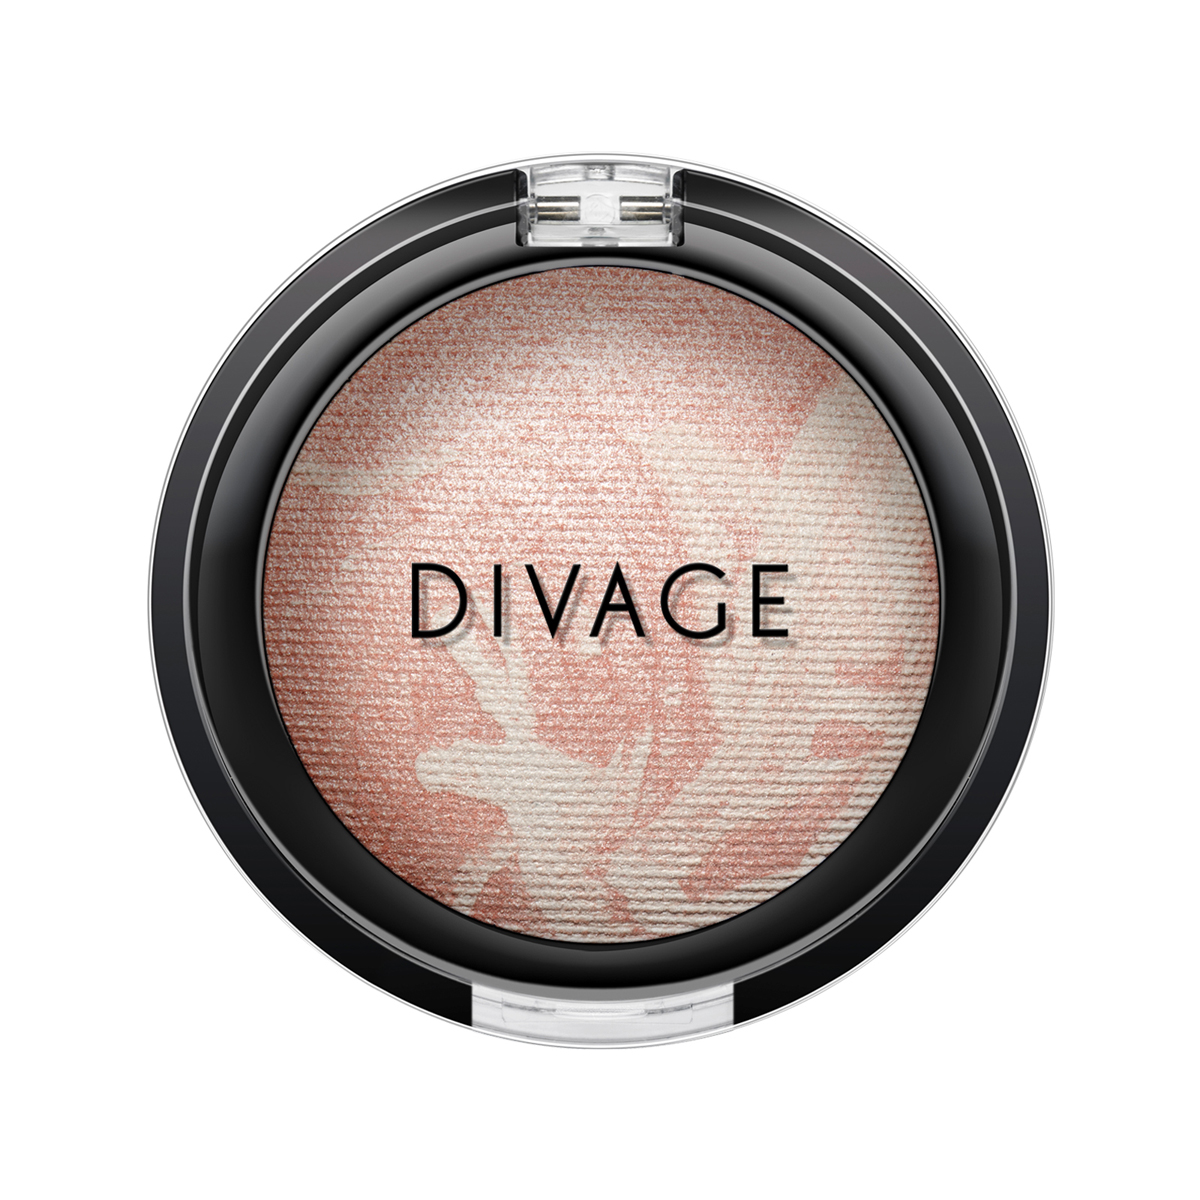 DIVAGE Запечённые тени для век COLOUR SPHERE, тон № 19, 3 гр.02-1159-000009Энергия цвета для вашего макияжа. Трёхцветные мраморные оттенки с восхитительным блеском! Миксовые цвета при нанесении раскрываются богатой палитрой, подчёркивая выразительность взгляда. Мягкая микро-пудра, входящая в состав теней, увеличивает стойкость, что позволяет макияжу сохраняться в течение всего дня, не осыпаясь и не размазываясь. Тени можно наносить как сухим аппликатором для создания нежного сияния, так и влажным методом для придания макияжу яркого металлического блеска. Высокая концентрация цветовых пигментов помогает оставаться цвету насыщенным даже спустя 8 часов. Энергия цвета заряжает на весь день с тенями COLOUR SPHERE от DIVAGE! СОВЕТ DIVAGE: Используя тени для макияжа глаз от DIVAGE, ты легко можешь меняться каждый день, создавая различные образы. Но как выбрать свой оттенок в таком многообразии? Выбирай контрастные оттенки тенейк твоему цвету глаз. Карие глаза хорошо подчеркнут зелёные и фиолетовые оттенки, все оттенки коричневого придадут выразительности зелёным глазкам, для серых и голубых больше всего подойду оттенки кораллового, золотого ирозового. С макияжем выполненным тенями DIVAGE твой взгляд будет ещё притягательней!